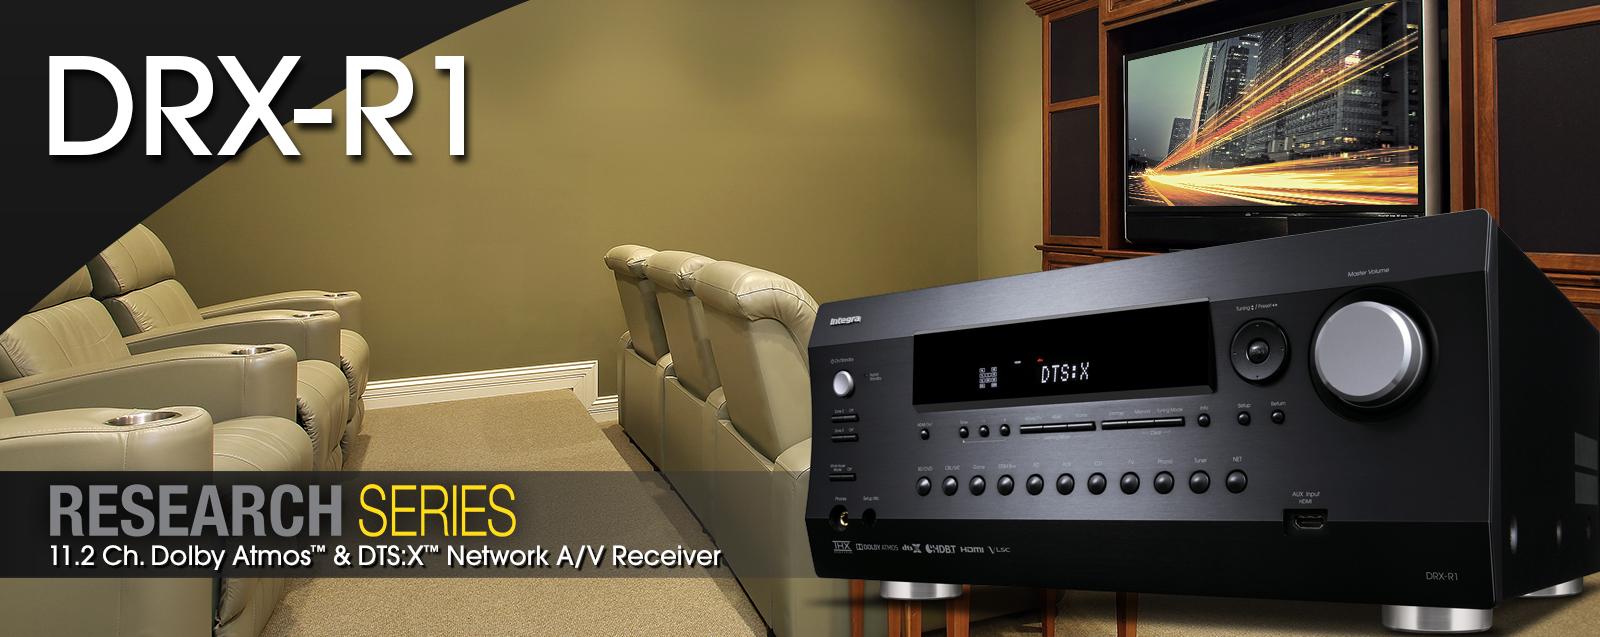 Amplificateur AV 11.2, Dolby Atmos, DTS:X, HDMI 2.0a, AccuEQ, Intégra DRX-R1